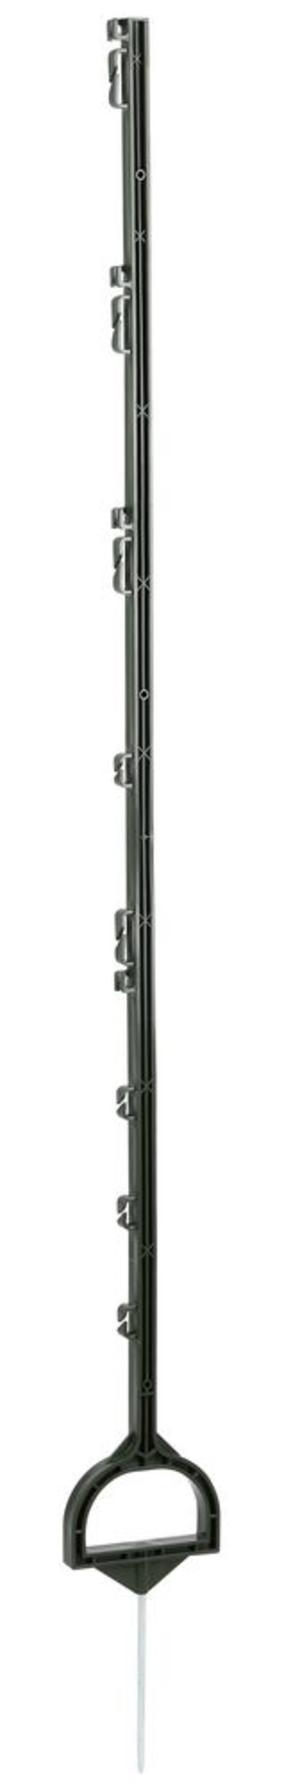 Picchetto Verde 158 cm confezione da 5 pz